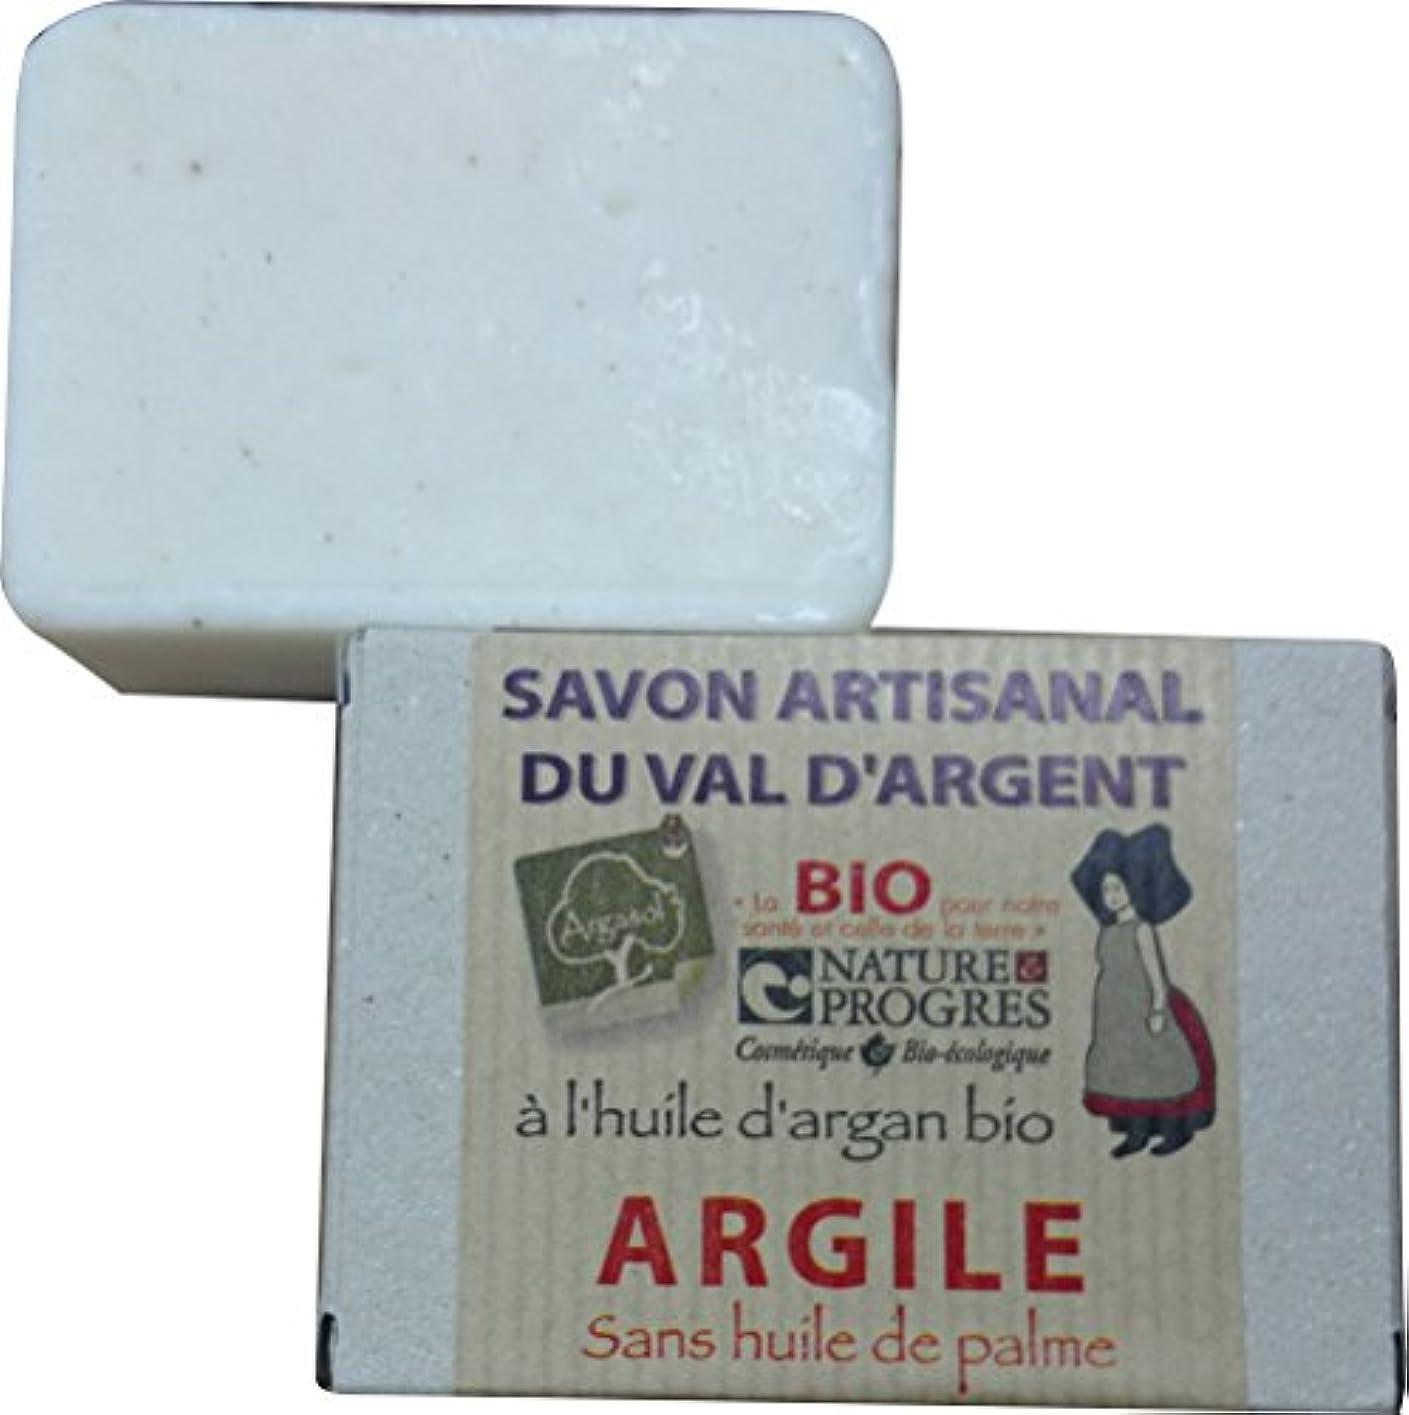 薬理学スピーチもっとサボン アルガソル(SAVON ARGASOL) クレイ